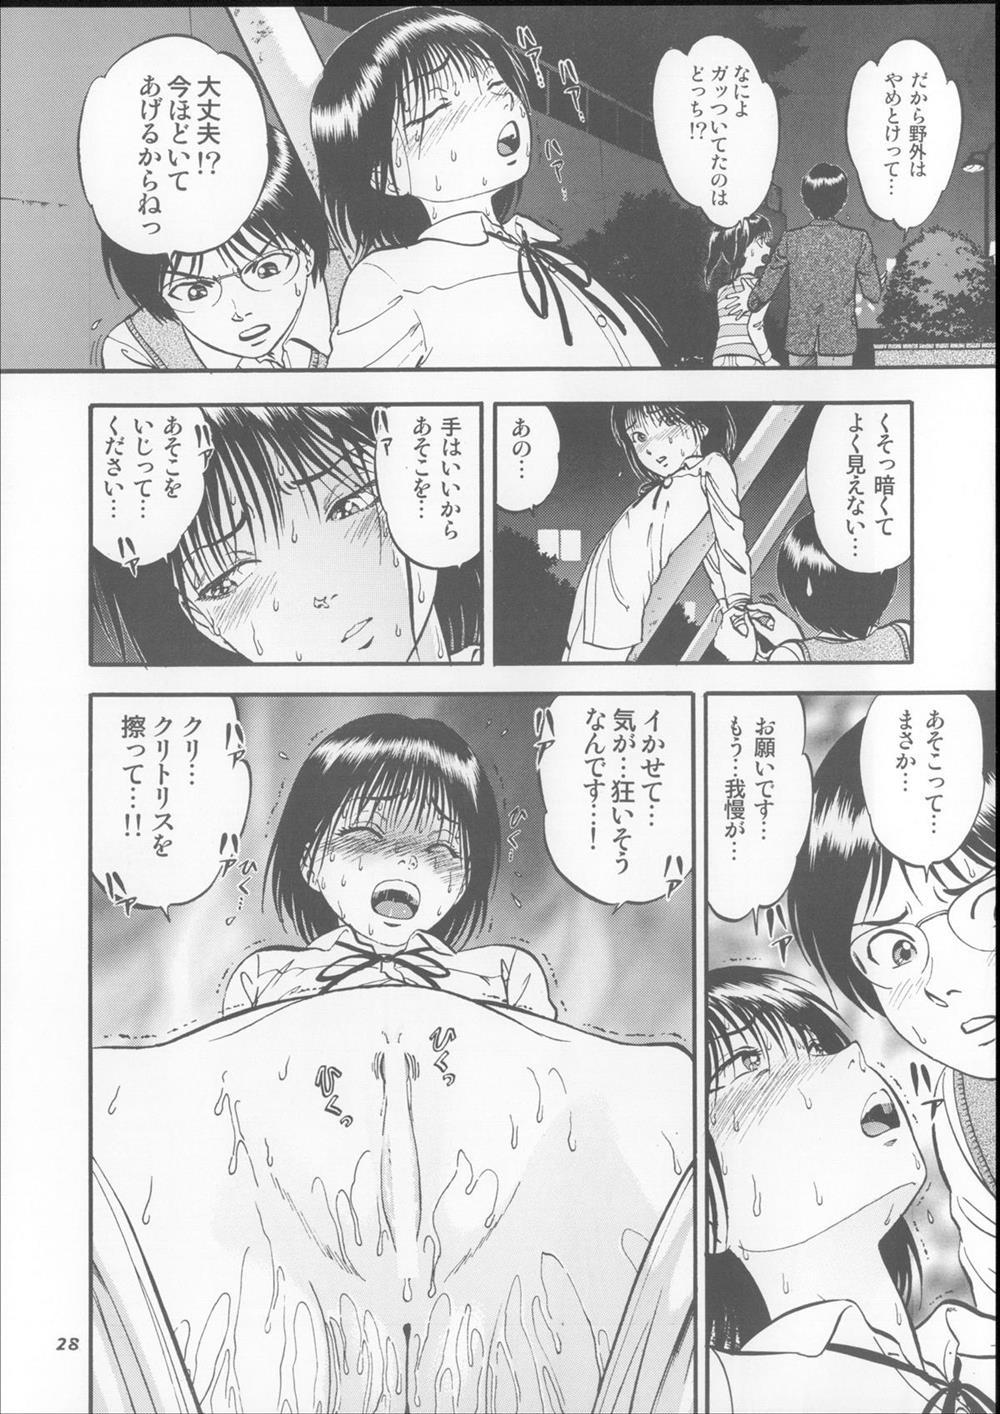 クリトリスの皮を剥かれて敏感になった女の子www同級生にいたずらされまくるwww【エロ漫画・エロ同人】 (27)